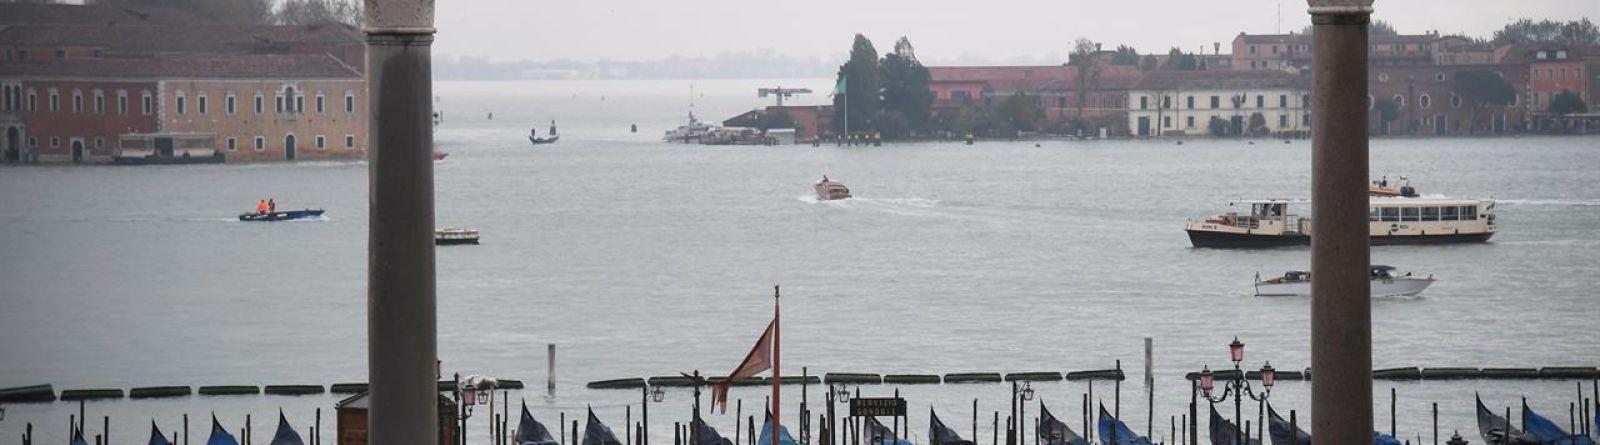 L'alluvione di questi giorni in Piazza San Marco a Venezia (credits Marco Bertorello, Afp